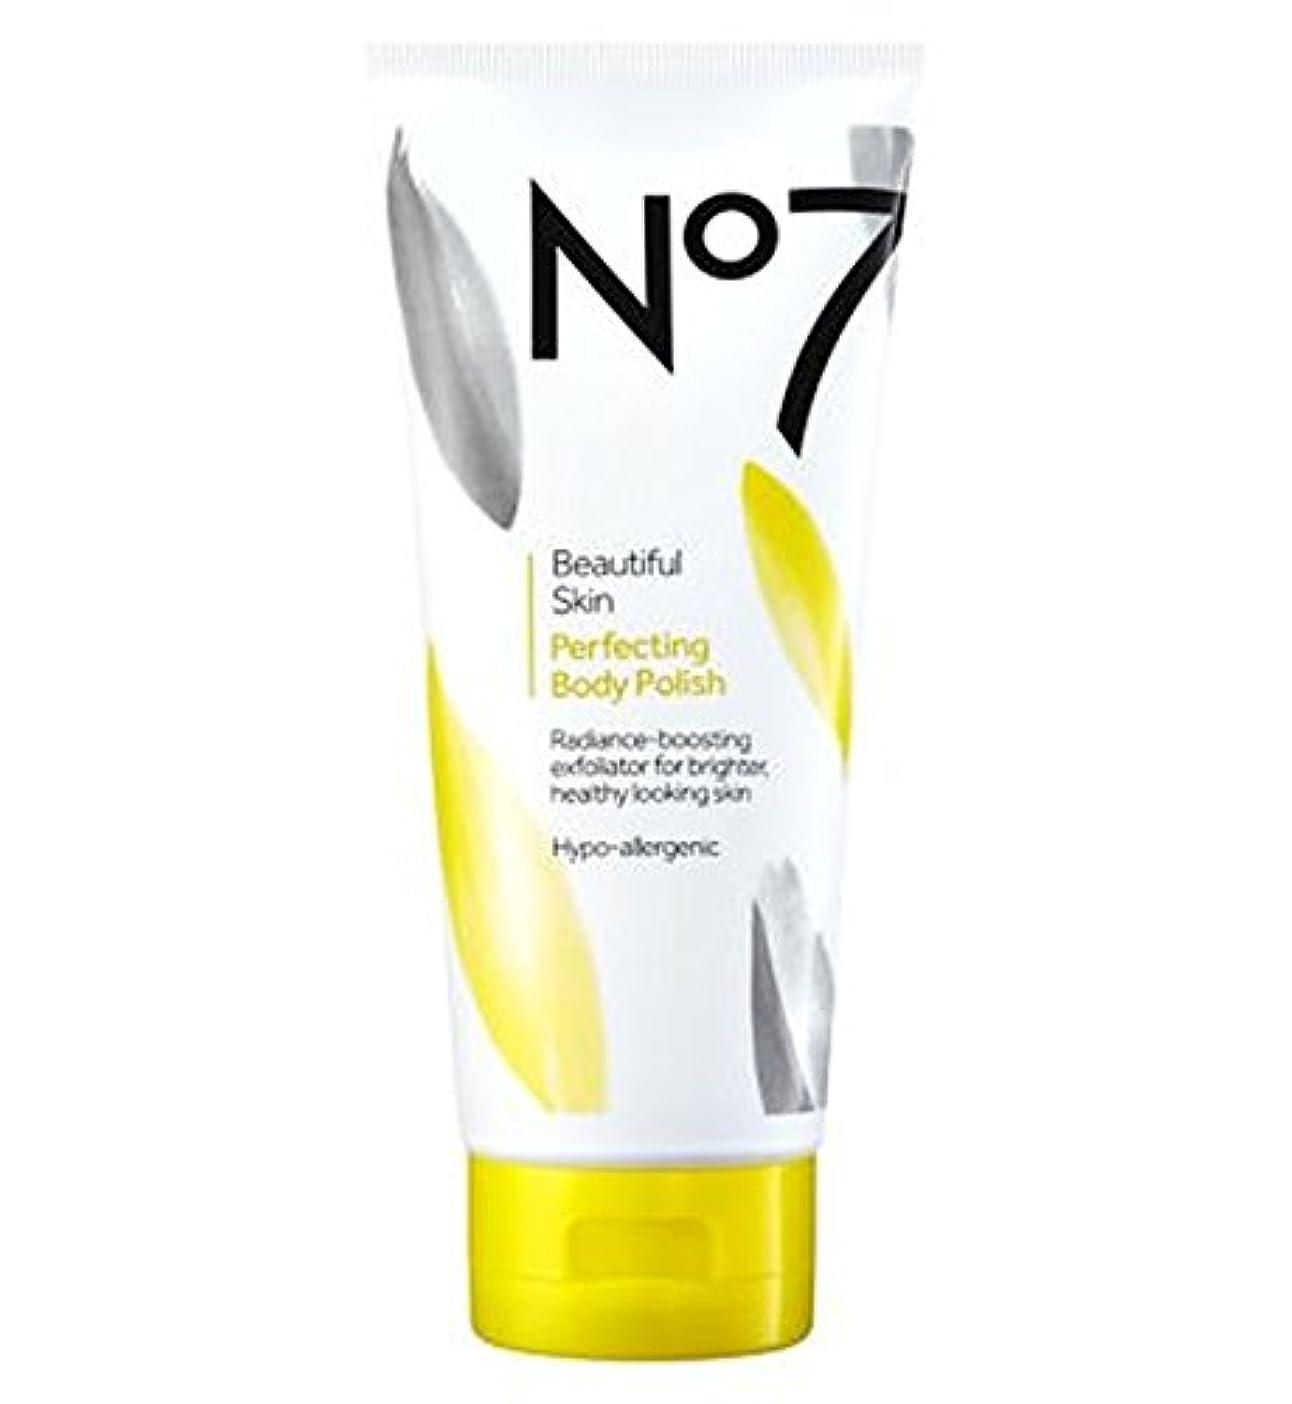 セールスマン瞑想魅力ボディポリッシュを完成No7美肌 (No7) (x2) - No7 Beautiful Skin Perfecting Body Polish (Pack of 2) [並行輸入品]